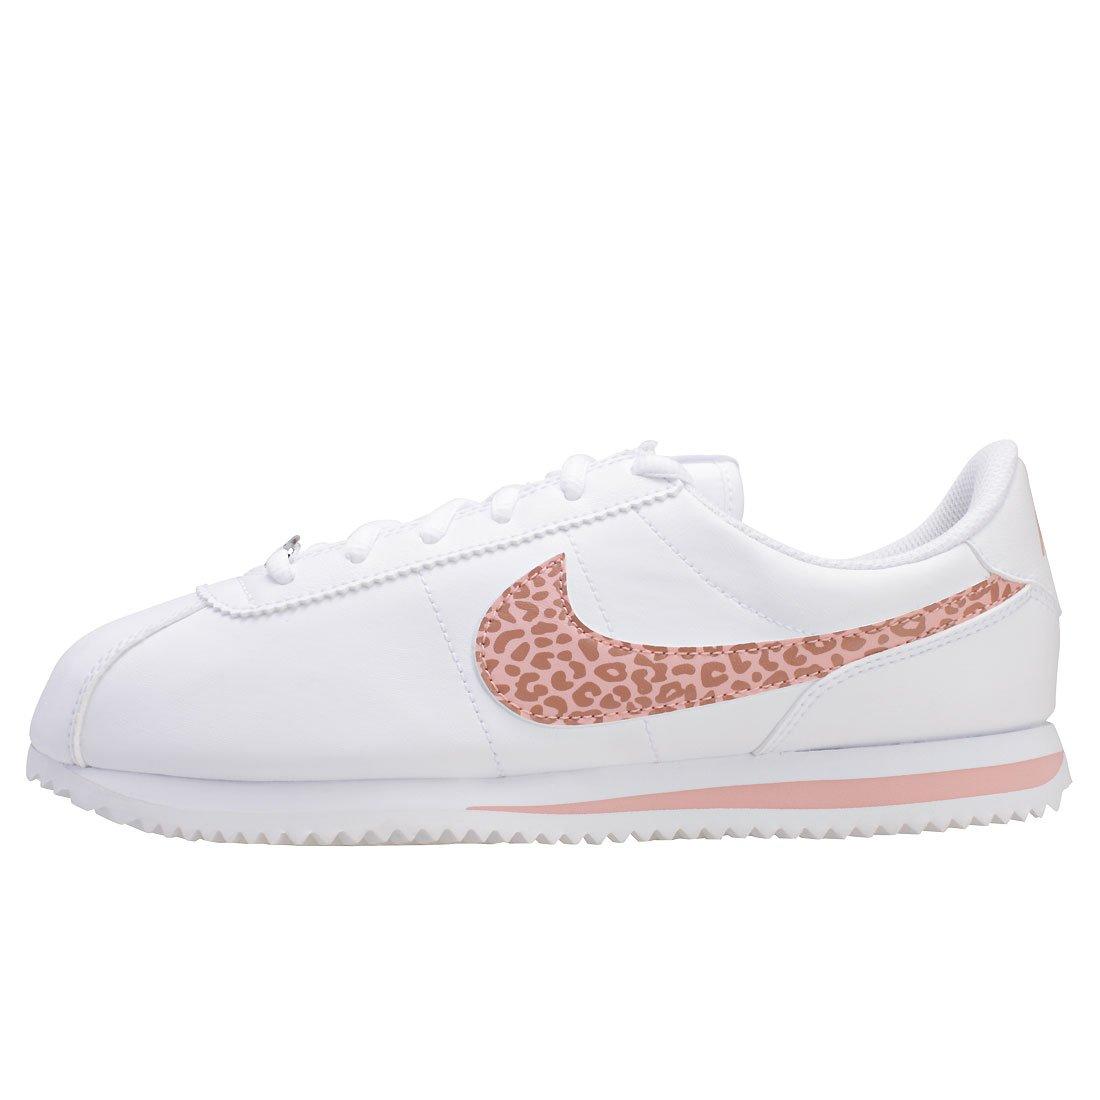 Sneaker Women Nike Cortez Basic Sl Gs Shoes White AH7528 102